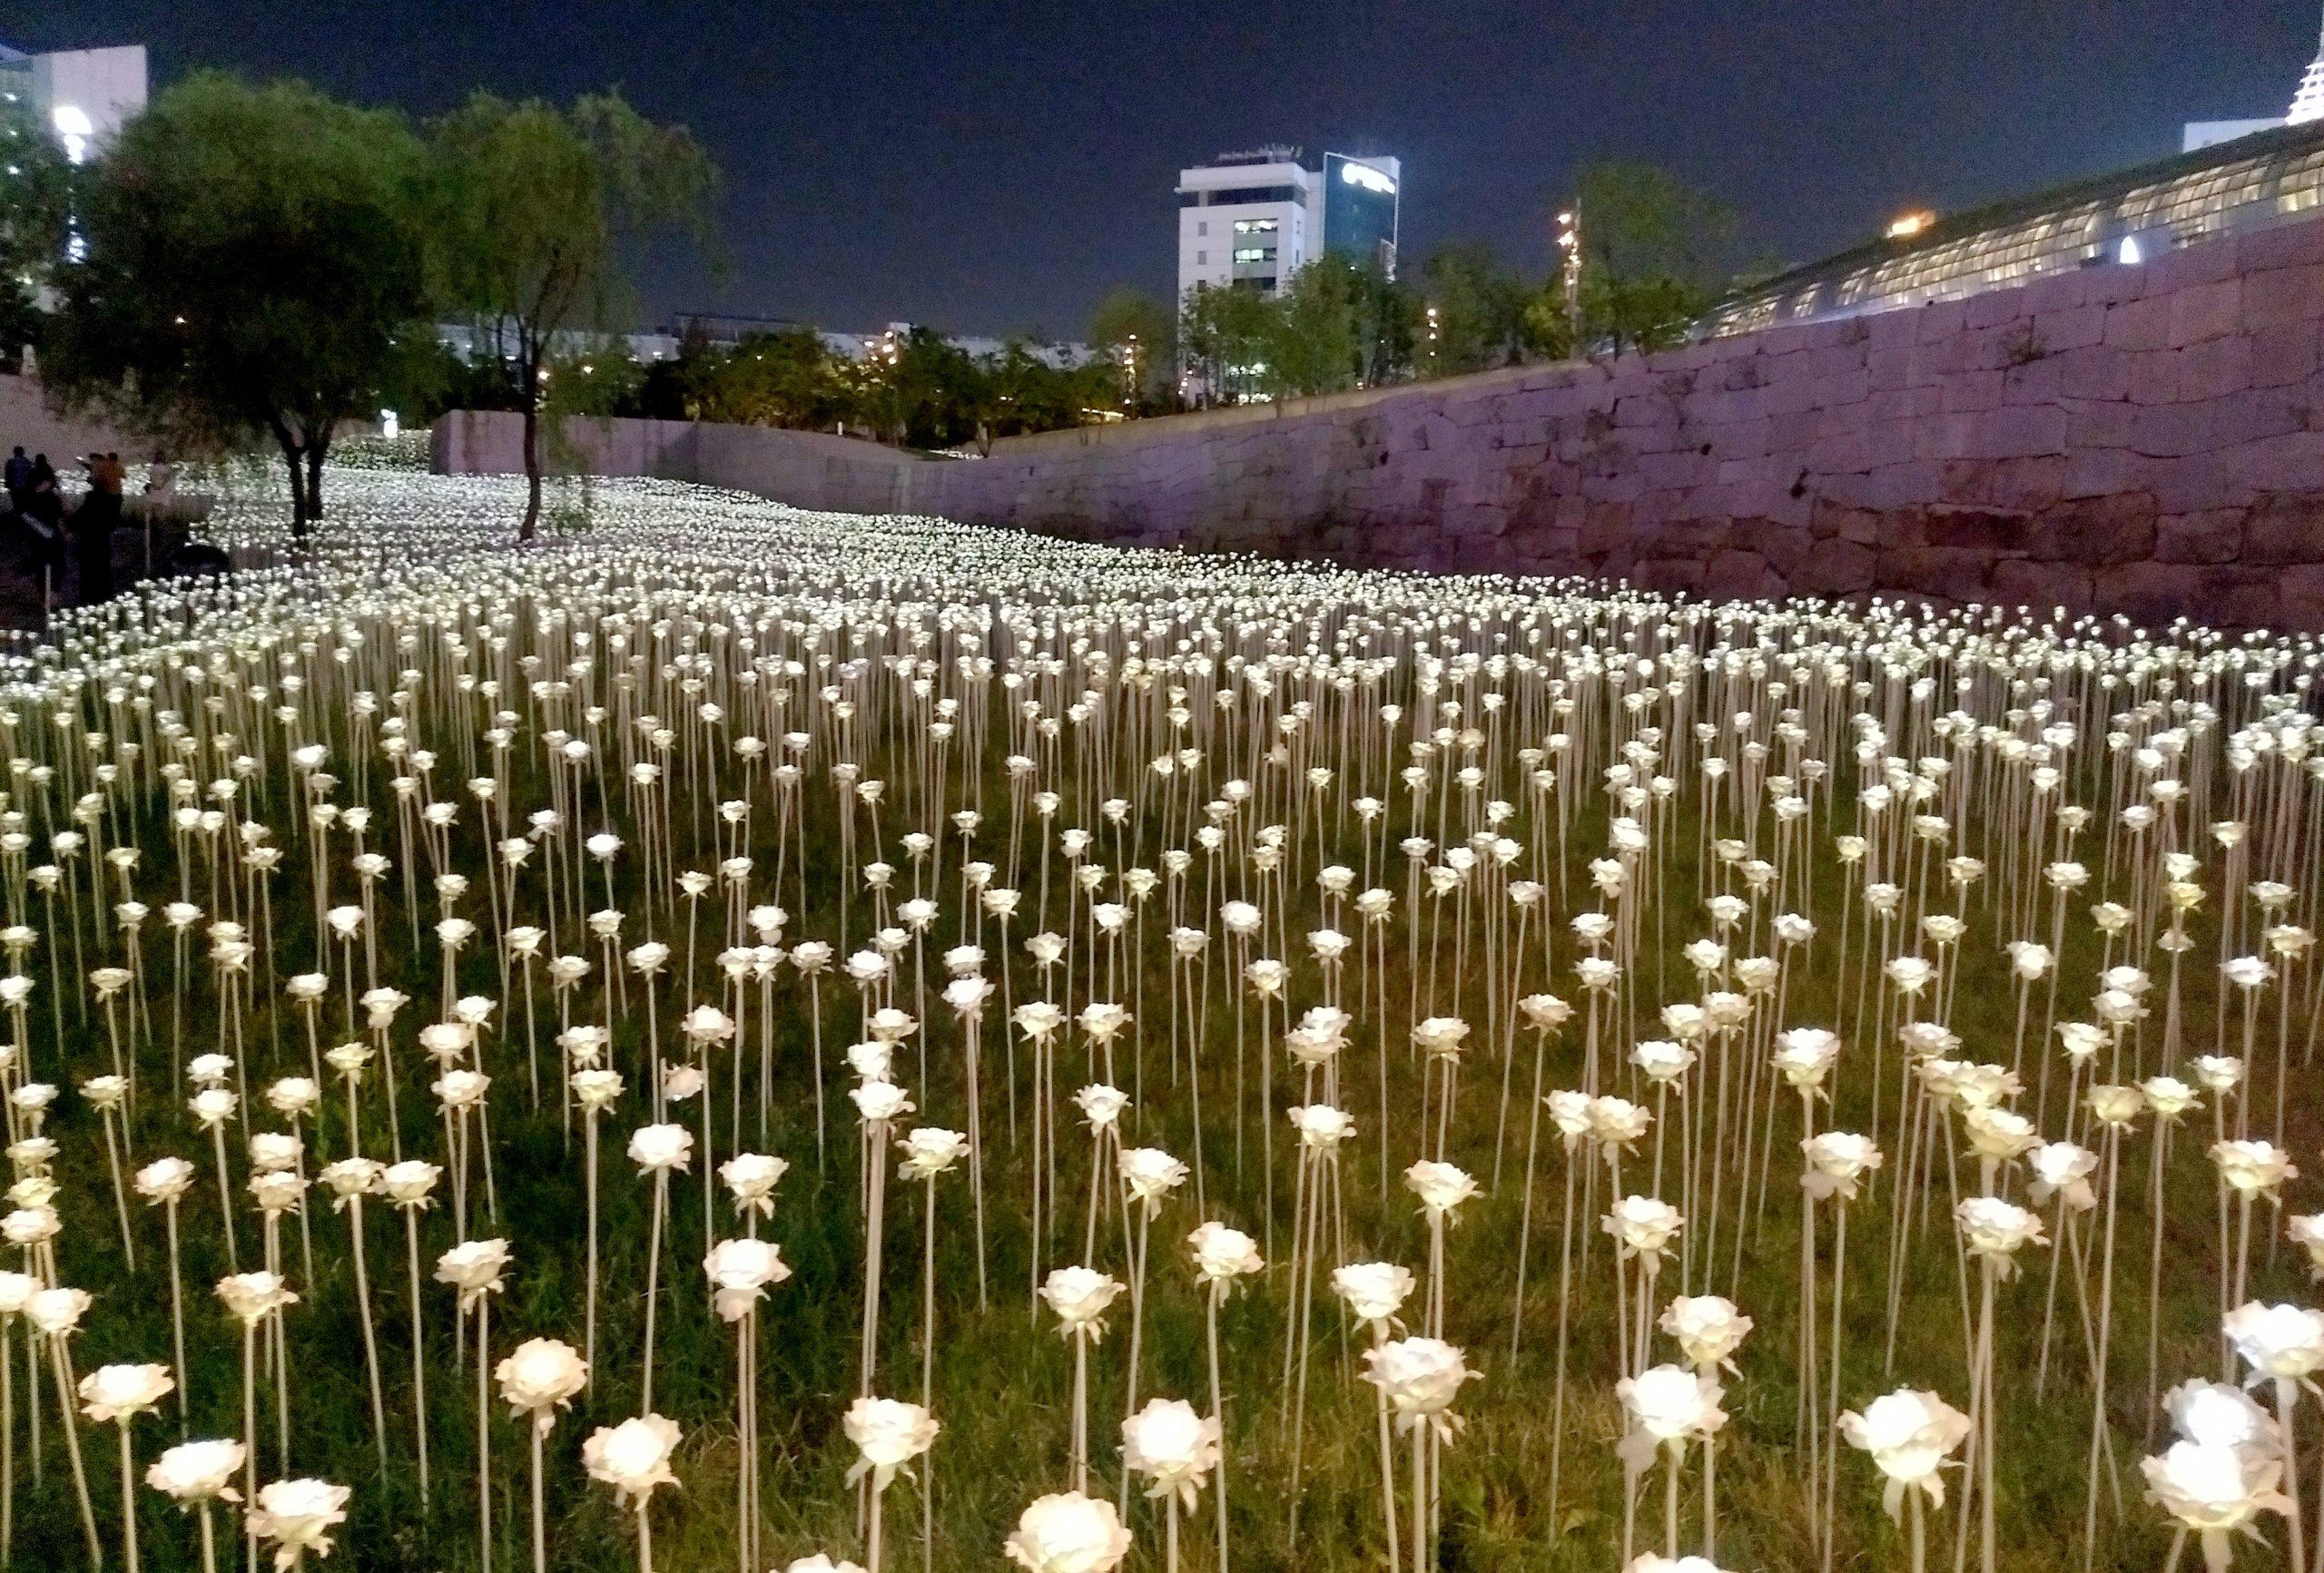 LED Rose garden in South Korea